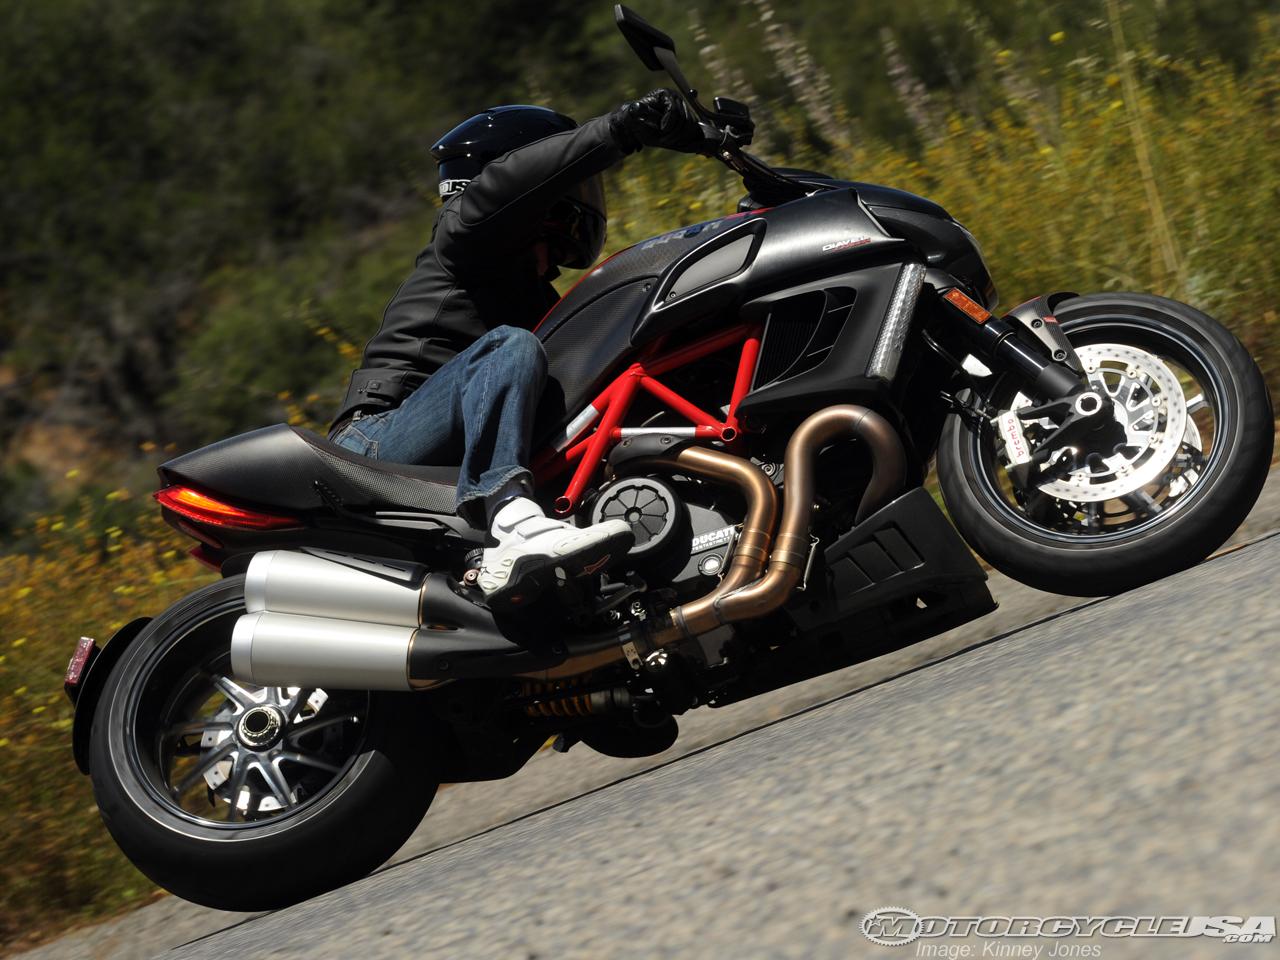 款杜卡迪Diavel摩托车图片4